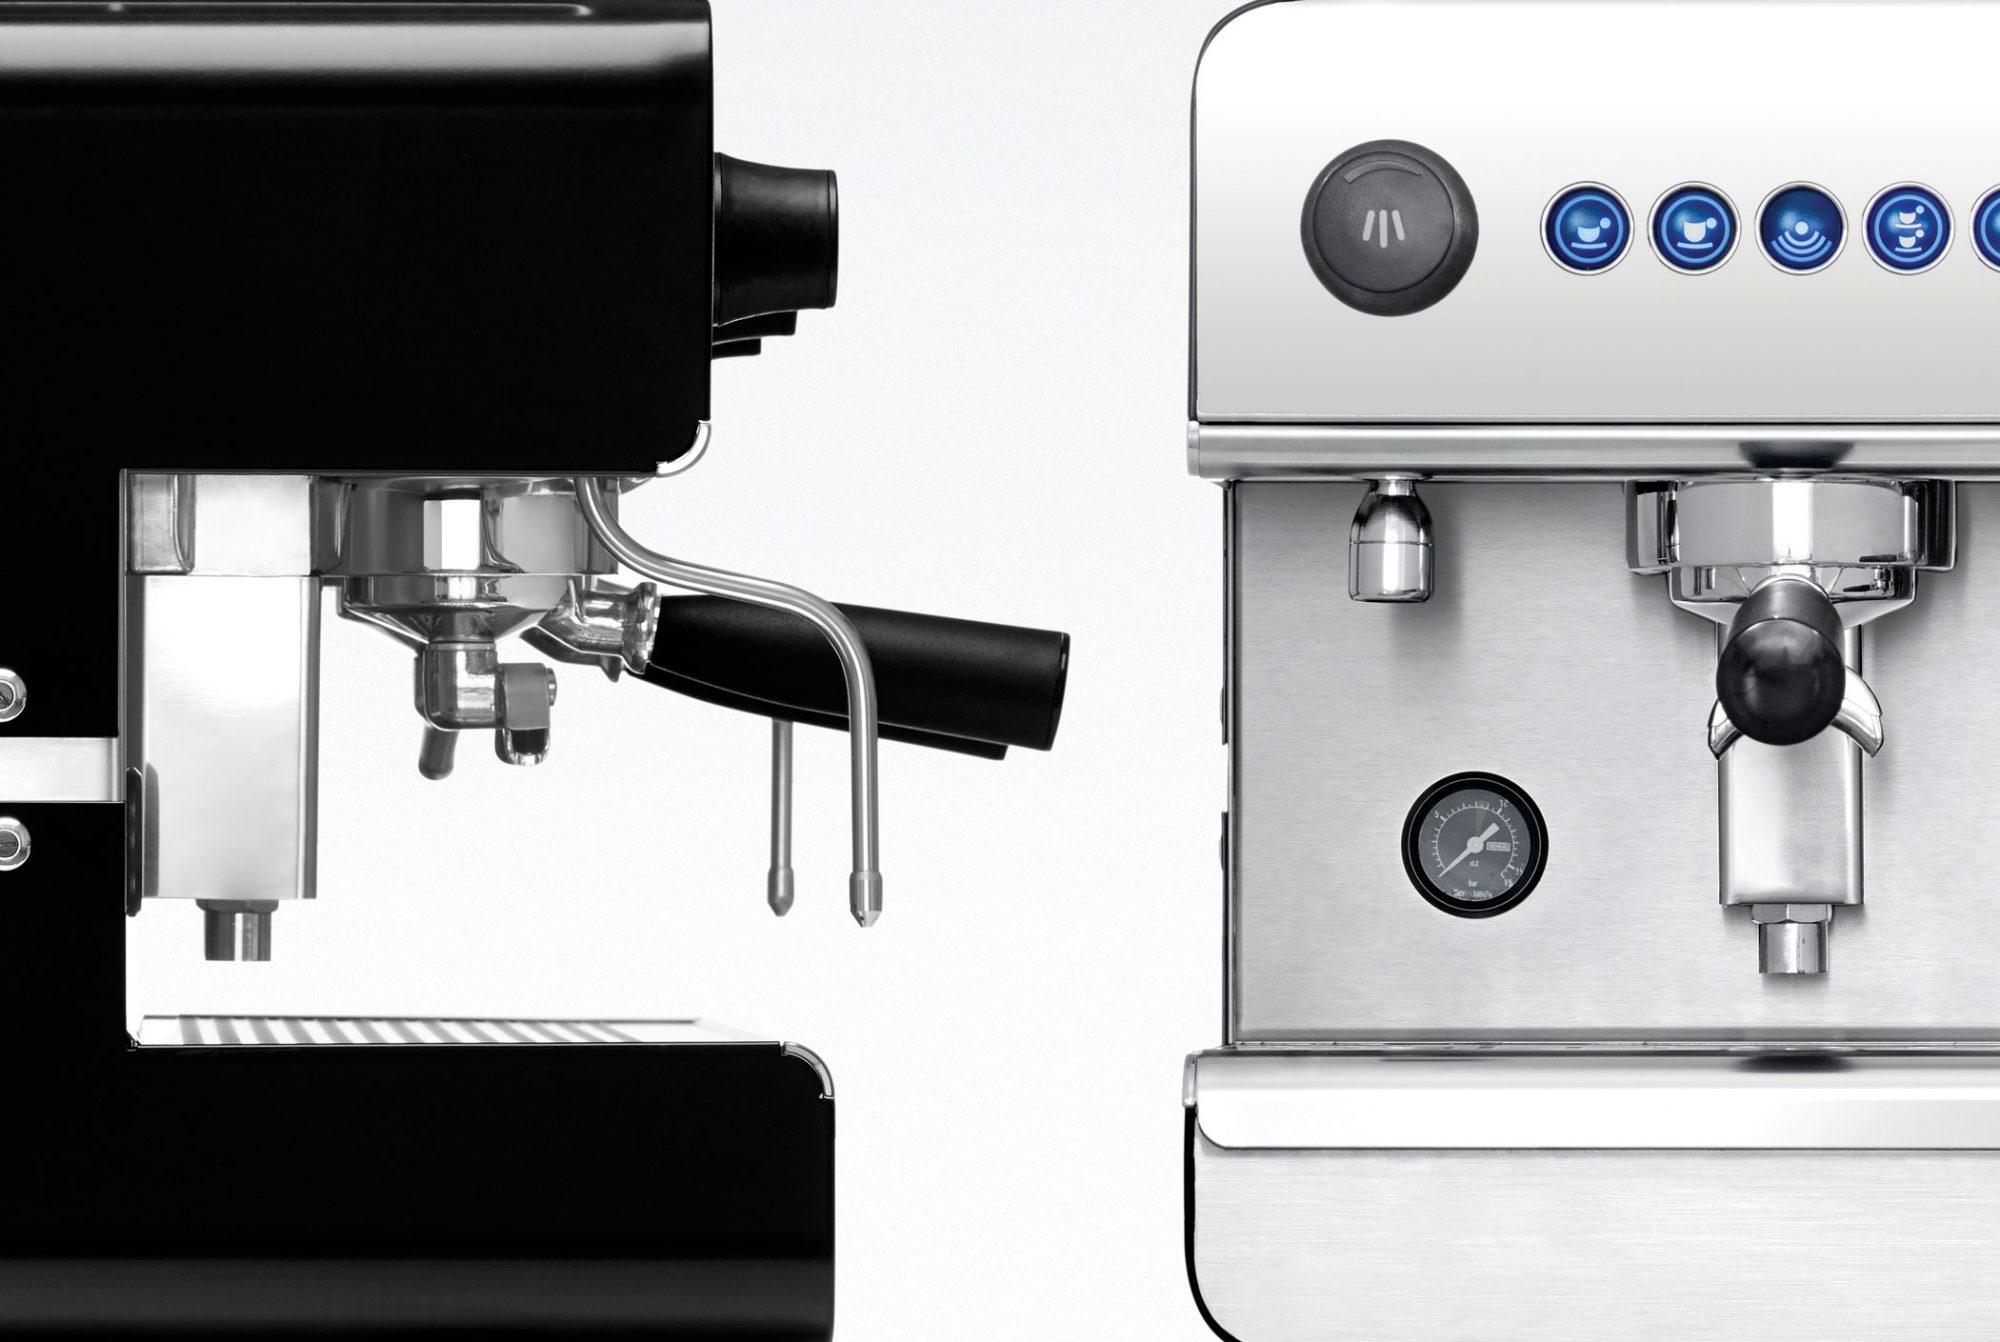 Iberital IB7 1 Grup Espresso Makinesi Siyah